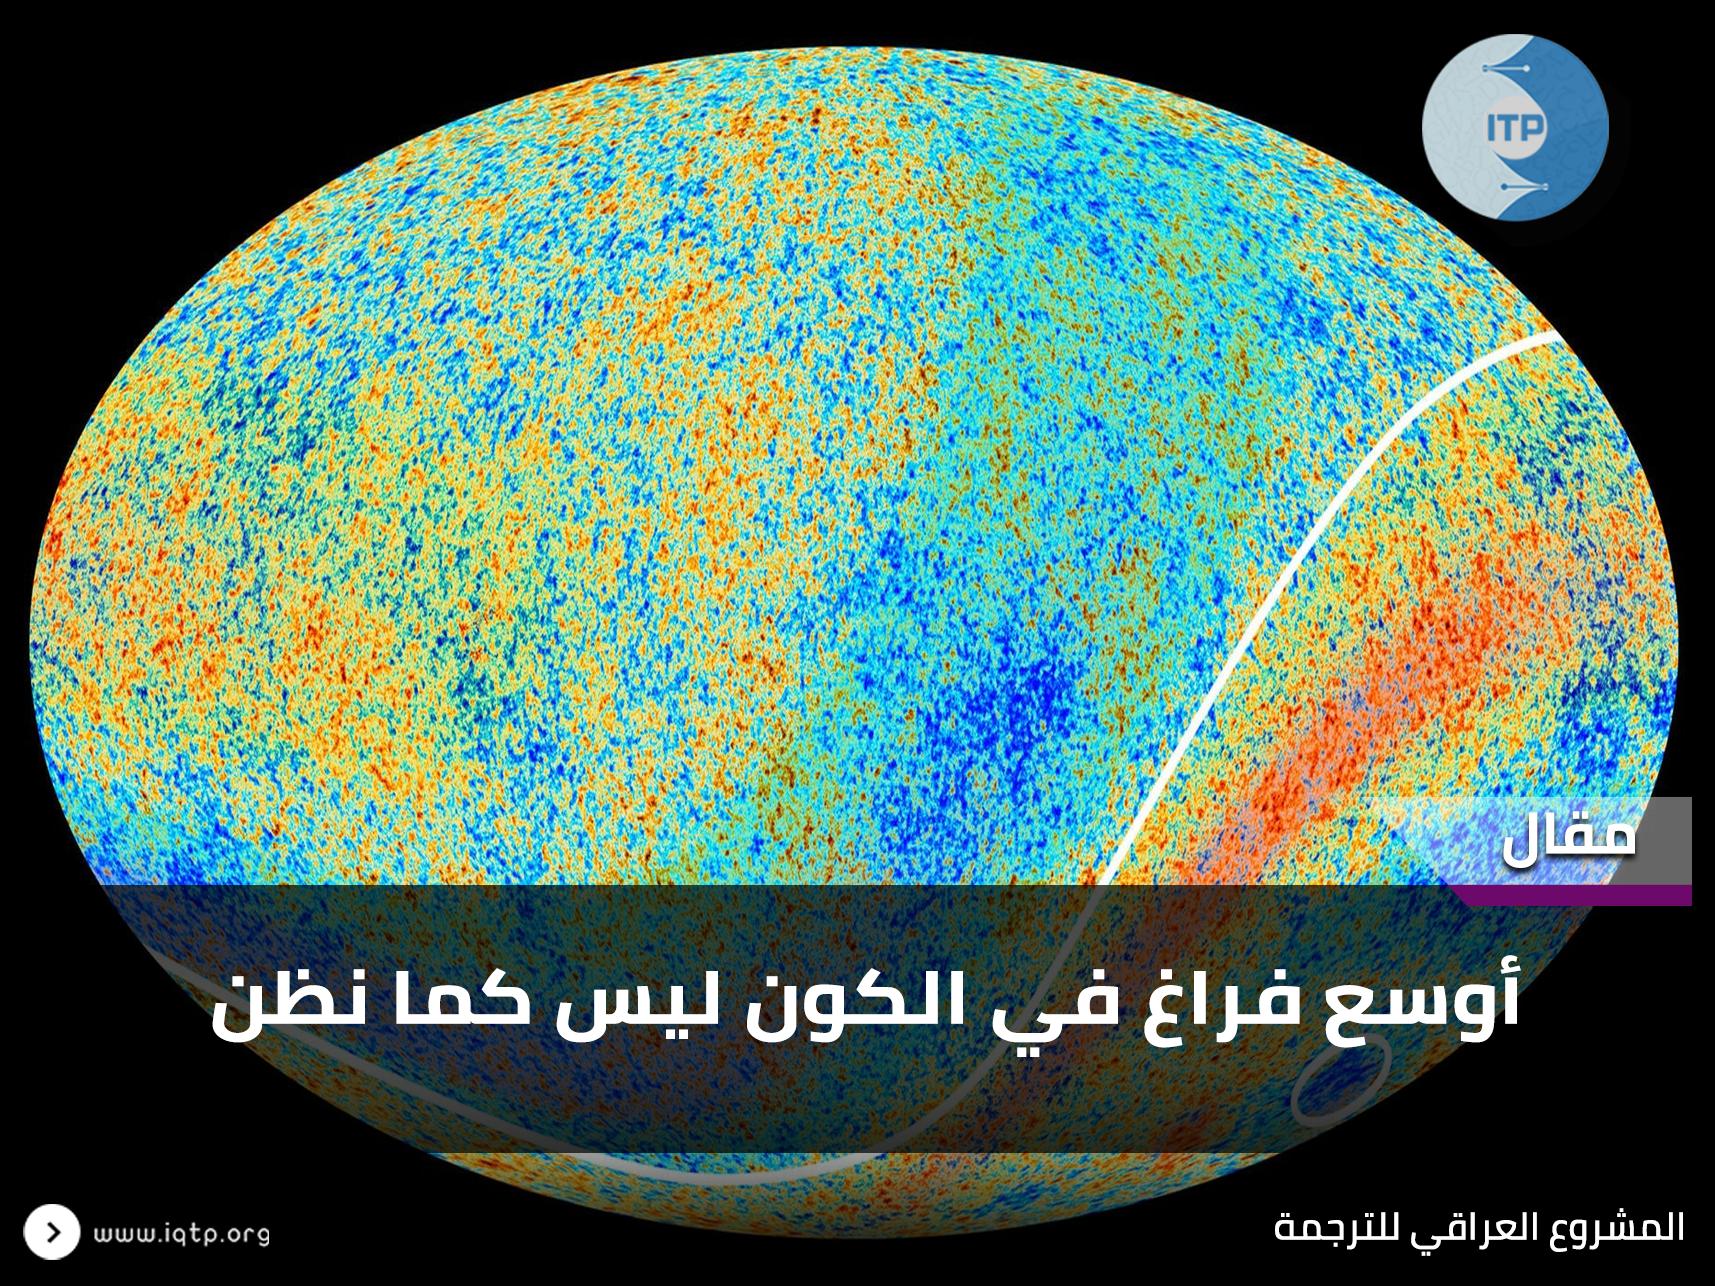 أوسع فراغ في الكون ليس كما نظن